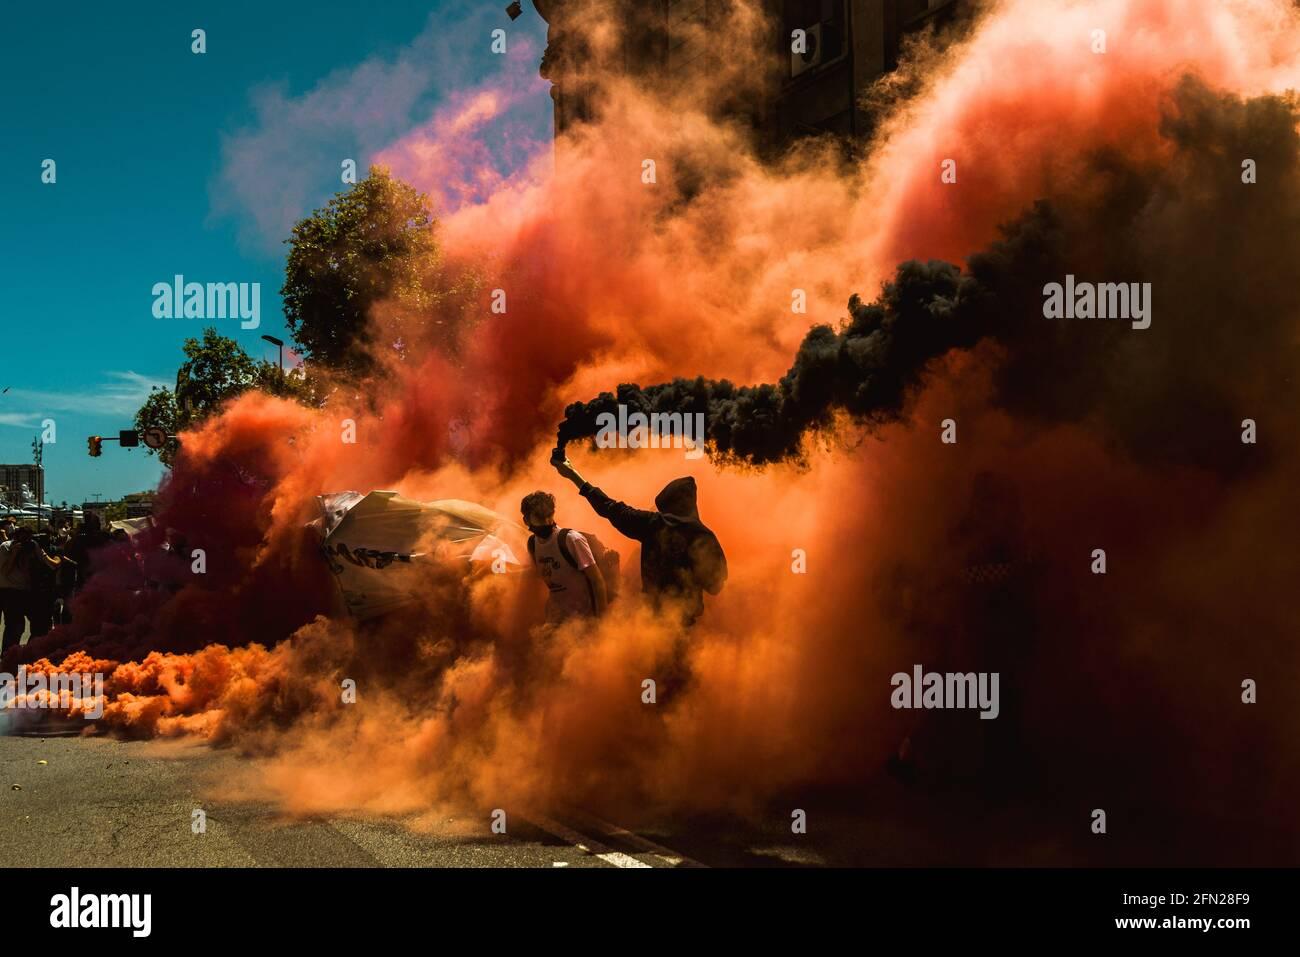 Barcelona, Spanien. Mai 2021. Streikende katalanische Studenten entzünden bengalische Brände, während sie gegen die Bildungskrise während der kontinuierlichen Ausbreitung des Corona-Virus protestieren. Quelle: Matthias Oesterle/Alamy Live News Stockfoto